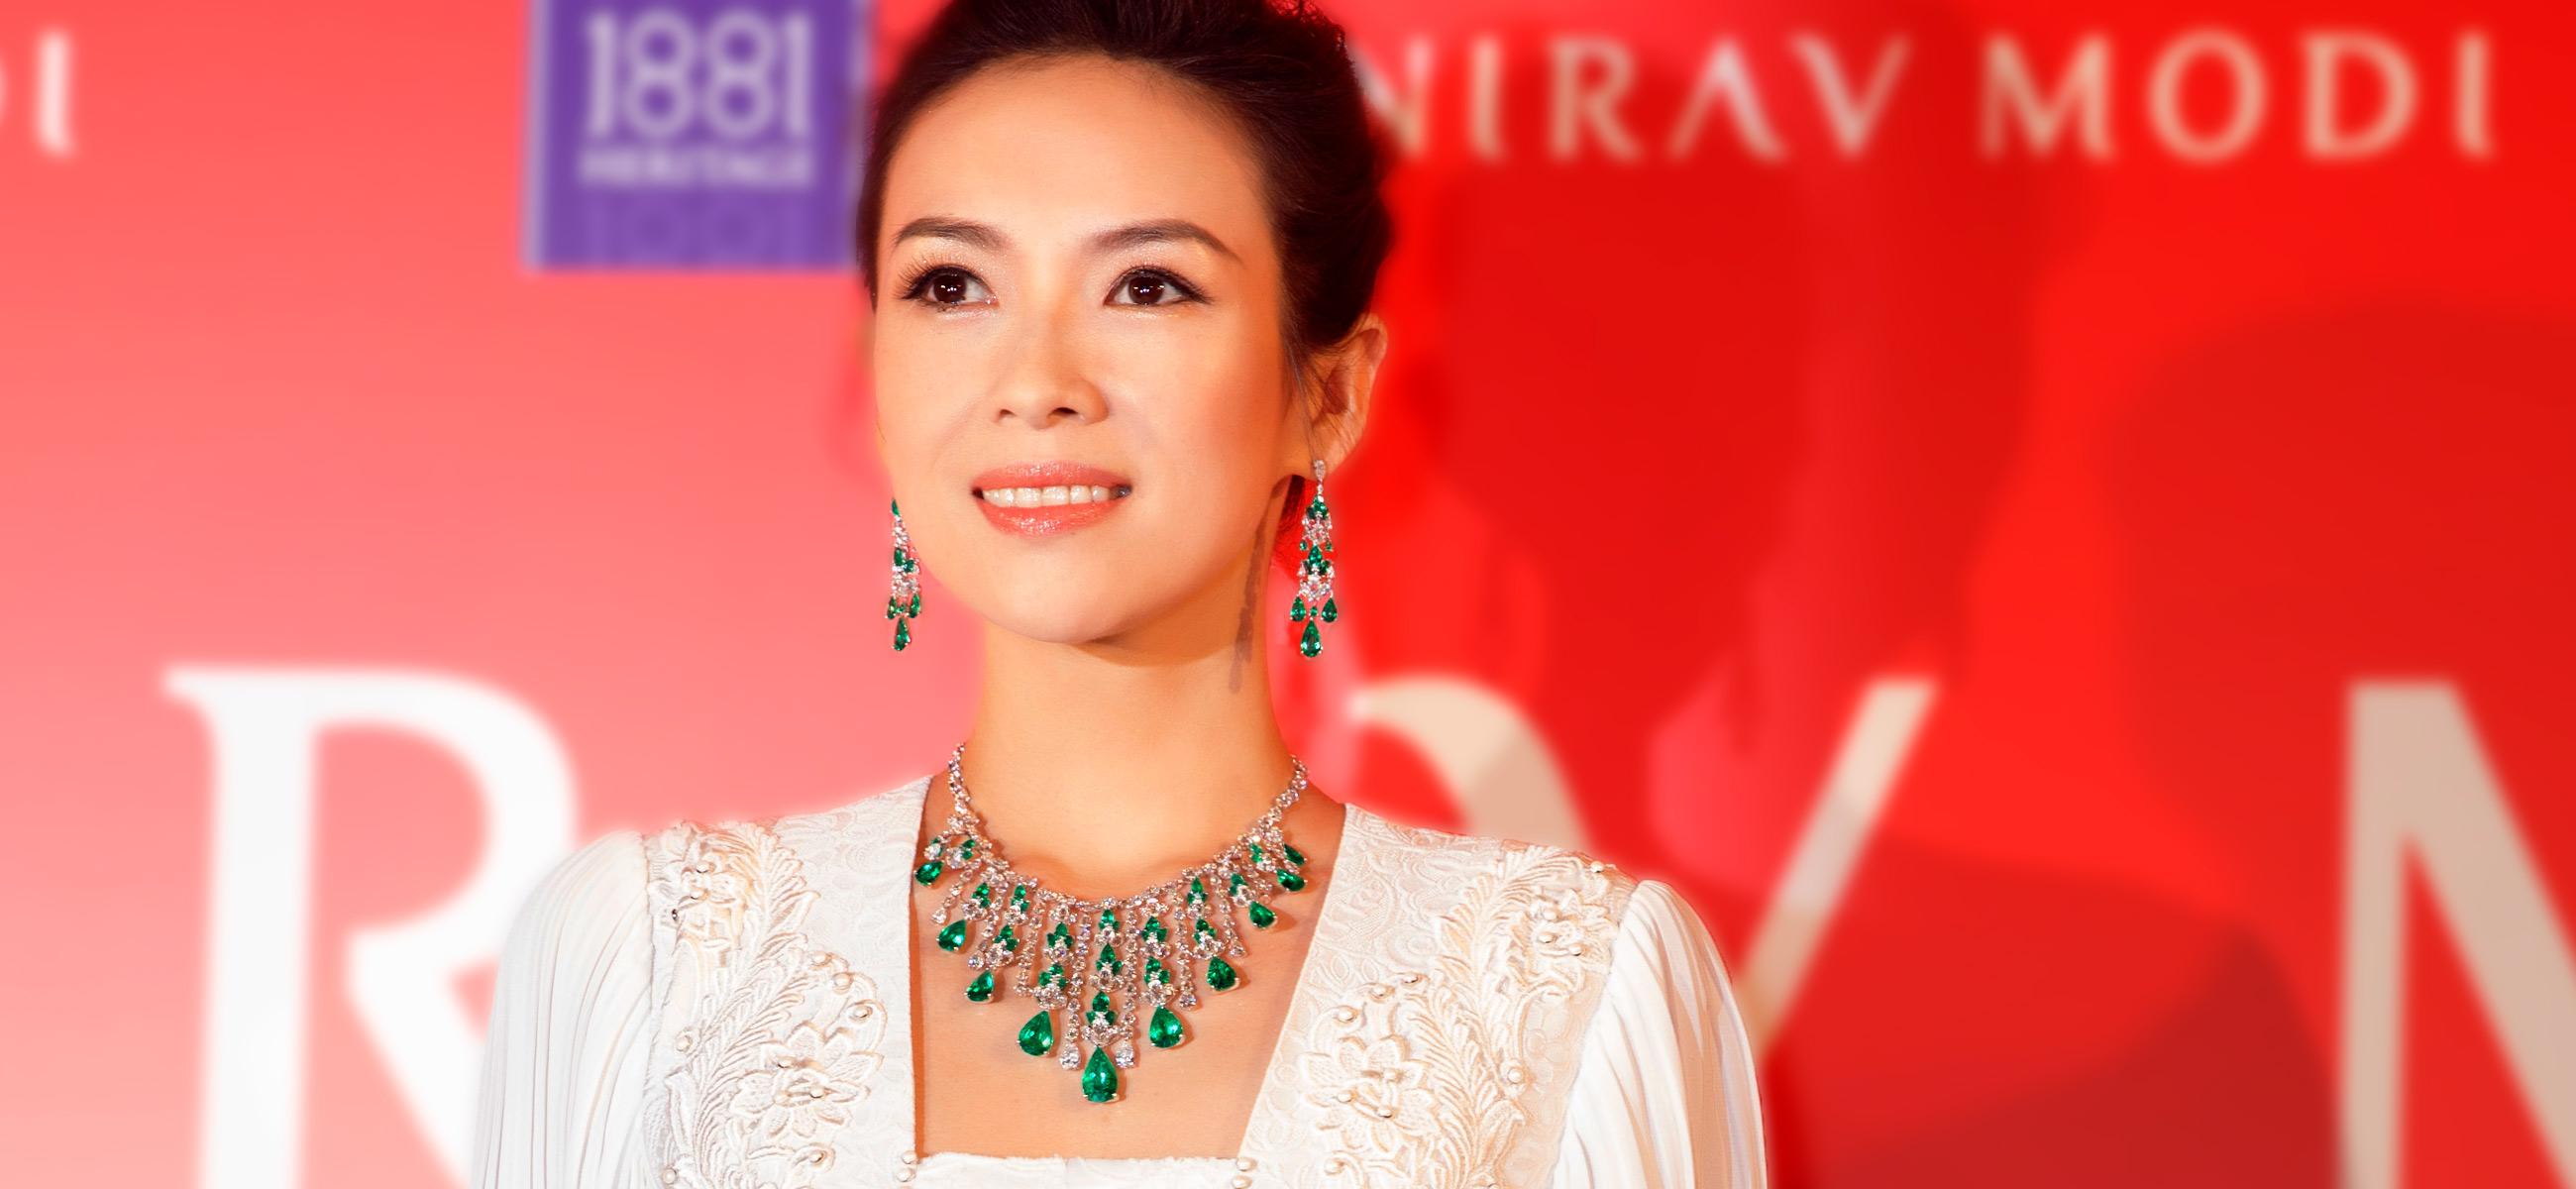 Nirav Modi - Zhang Ziyi indossa parure di gioielli, diamanti e smeraldi